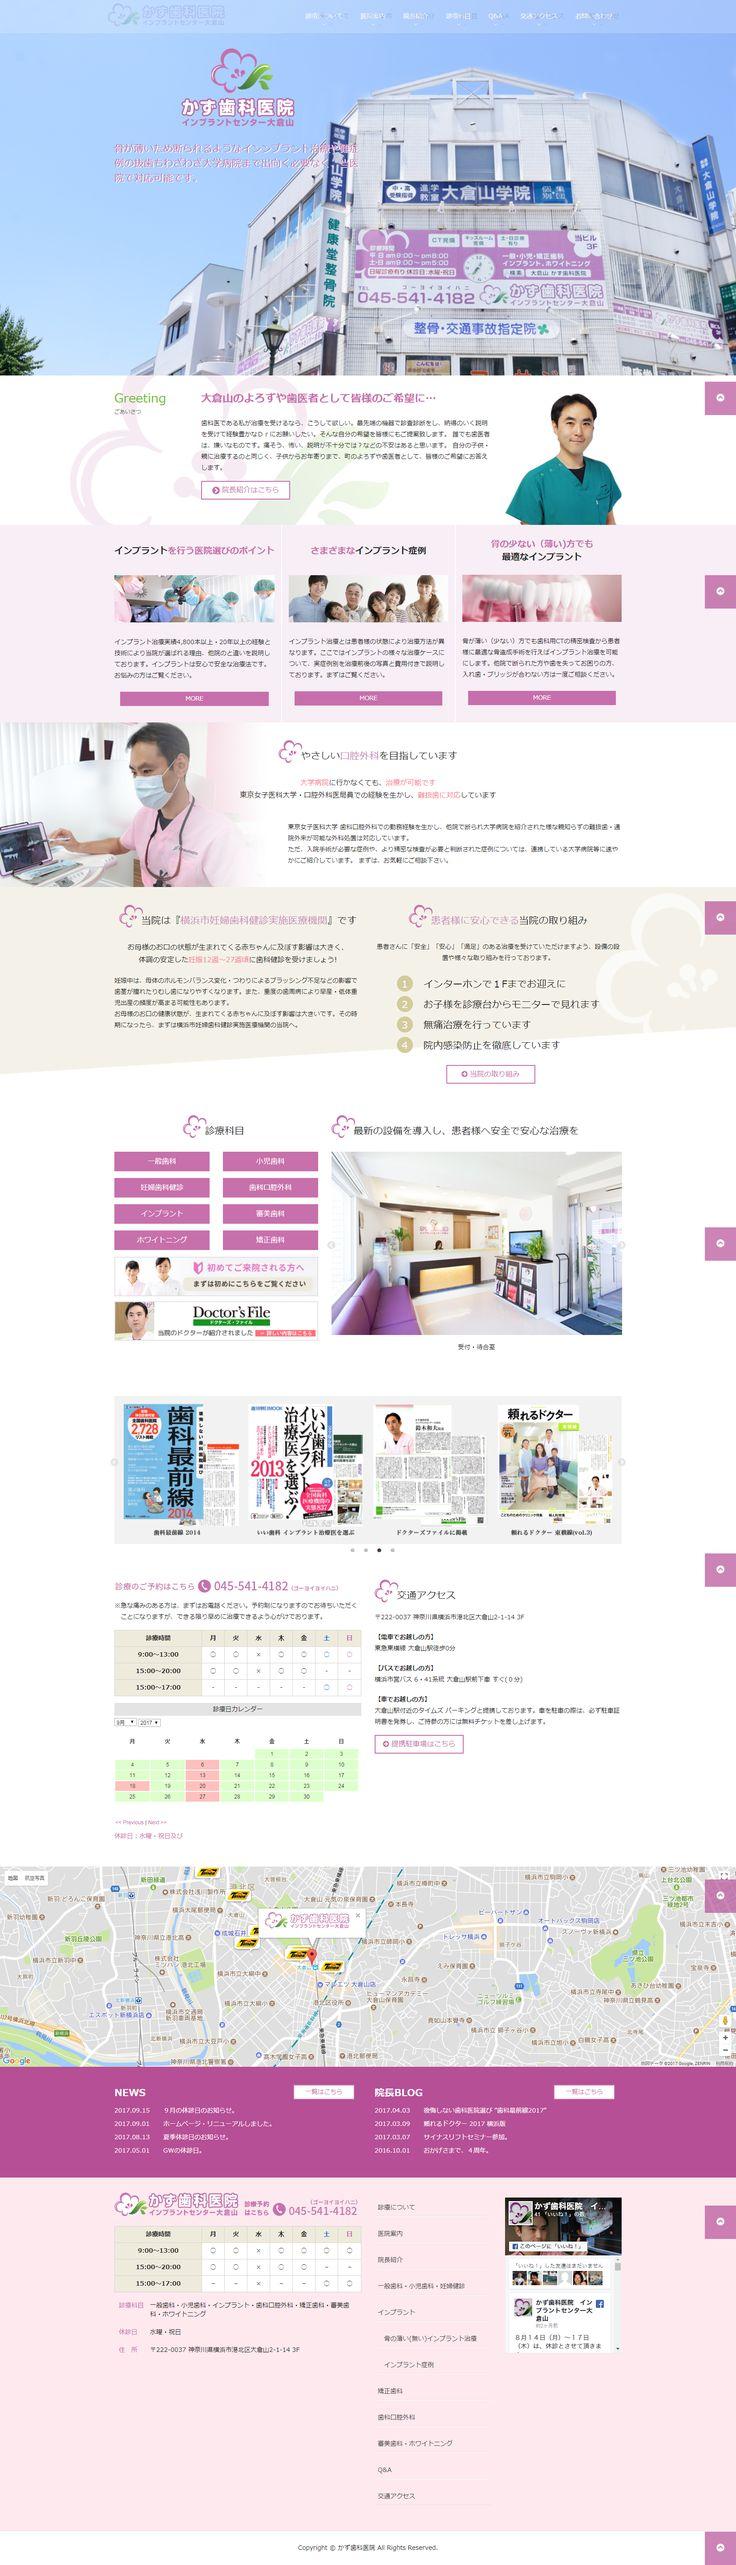 大倉山駅前のかず歯科医院 http://www.kaz-shikaiin.jp/